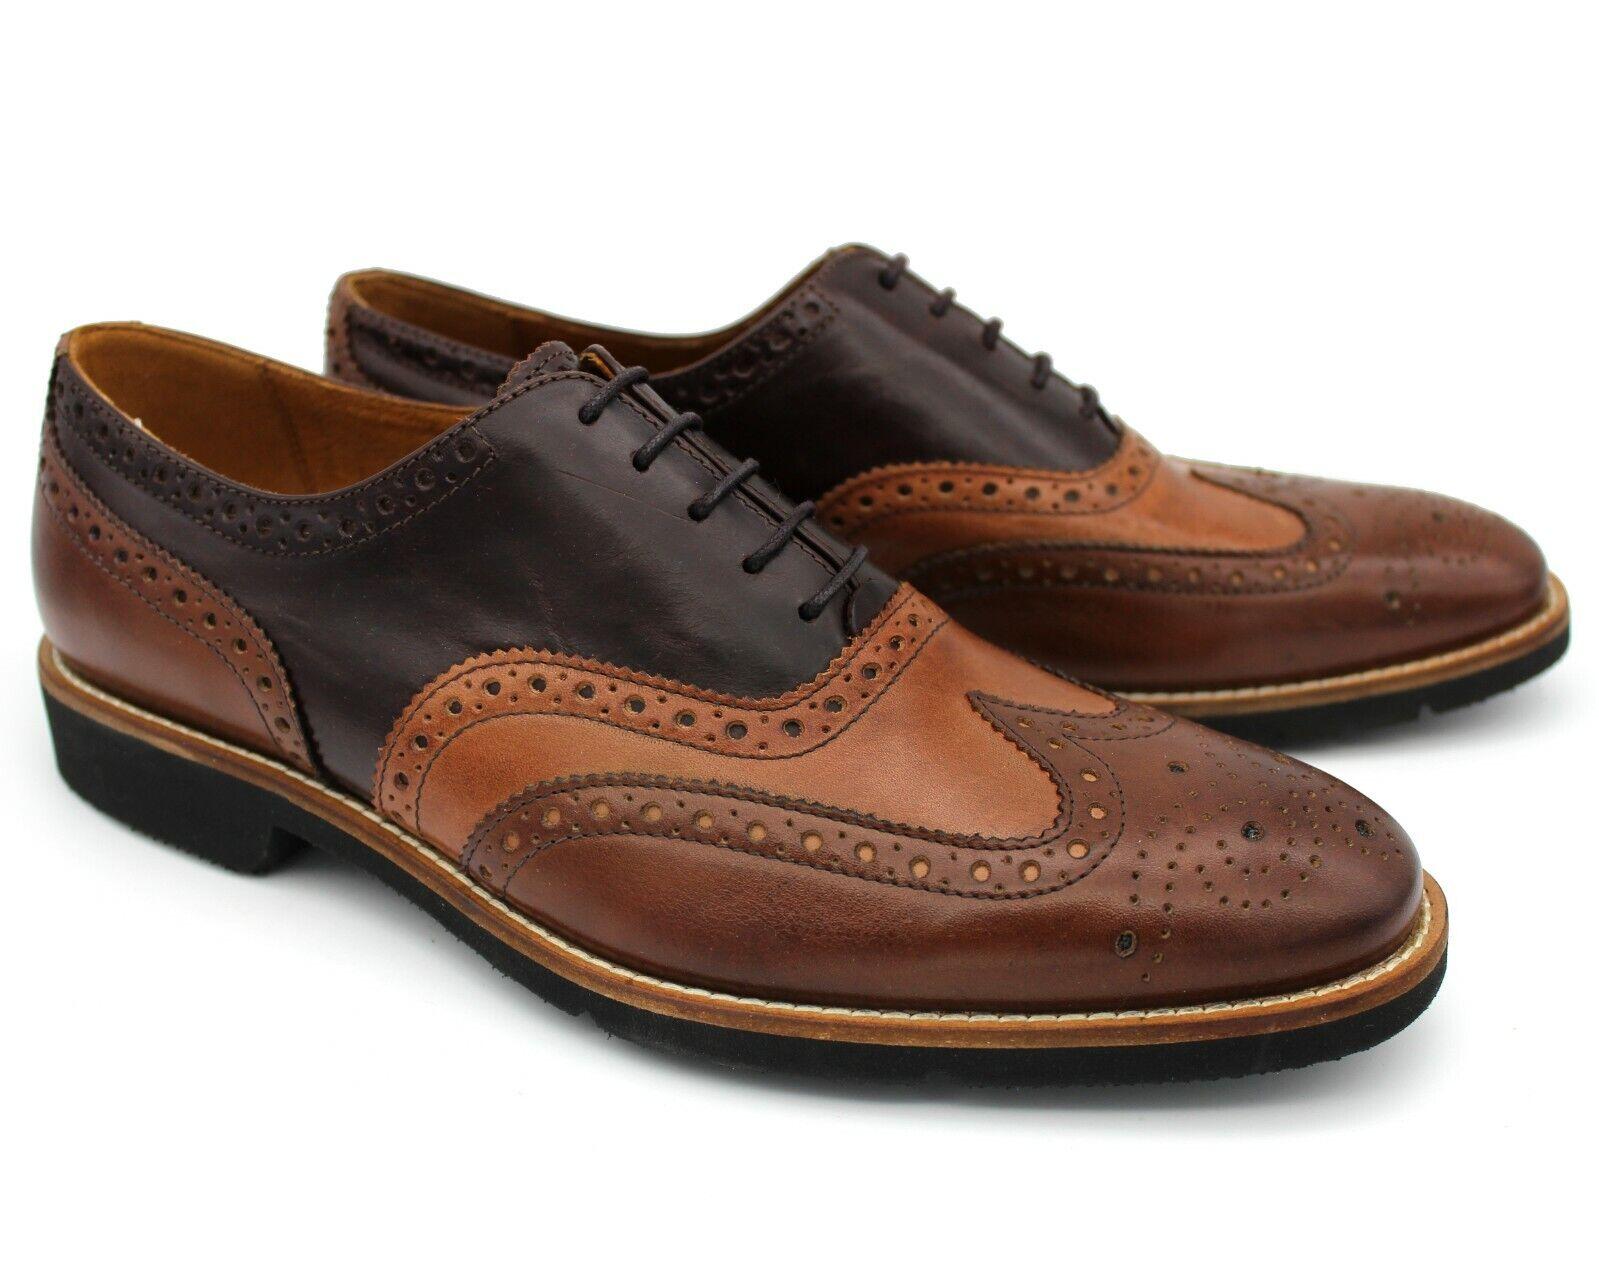 migliore qualità  S22 Marronee in pelle nuova linea linea linea uomo scarpe eleganti CALATA Lacci Lavoro Formali EU 41  vendita di offerte